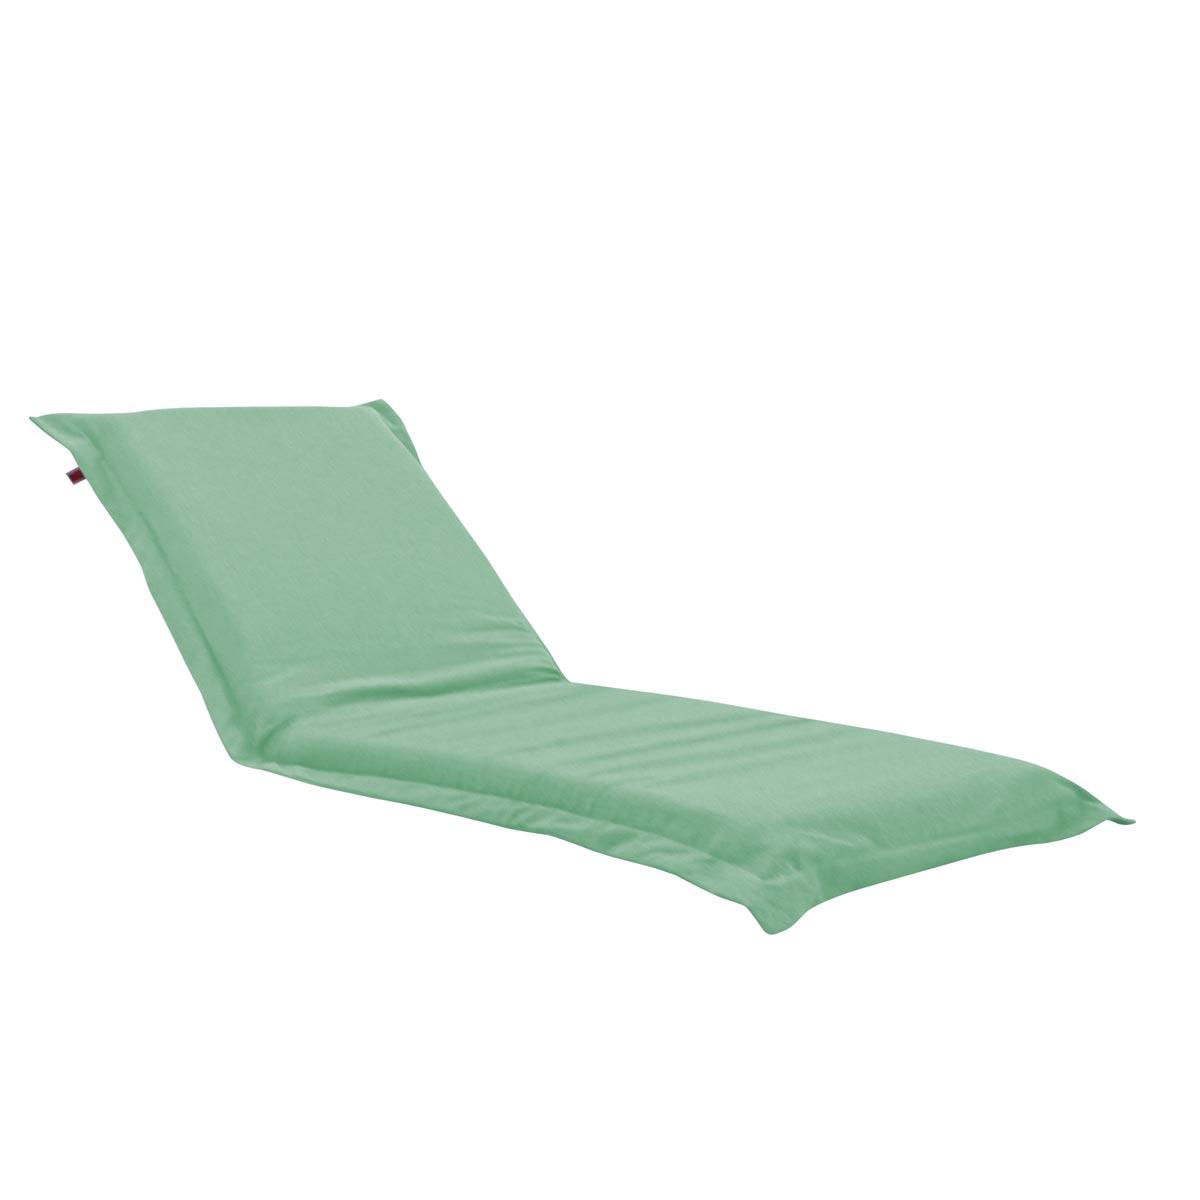 Pufe ClicClac Uno Lounge Tecido Ecolona Verde Menta 02 02